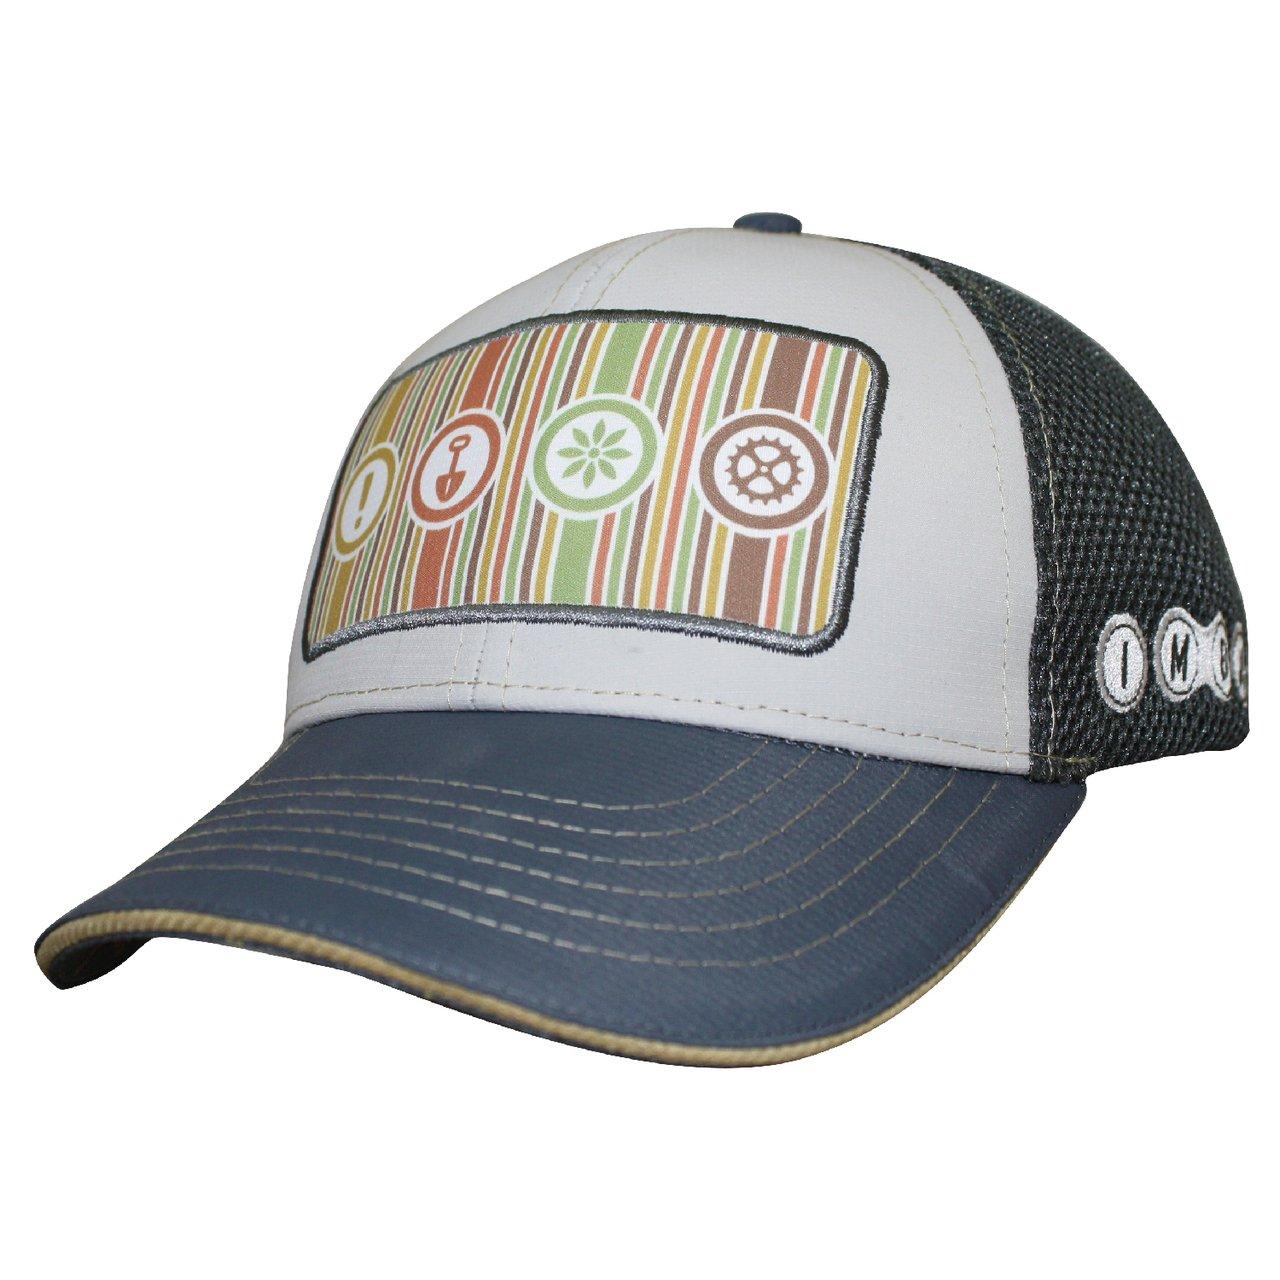 Headsweats 6 Panel Trucker Hat 7743